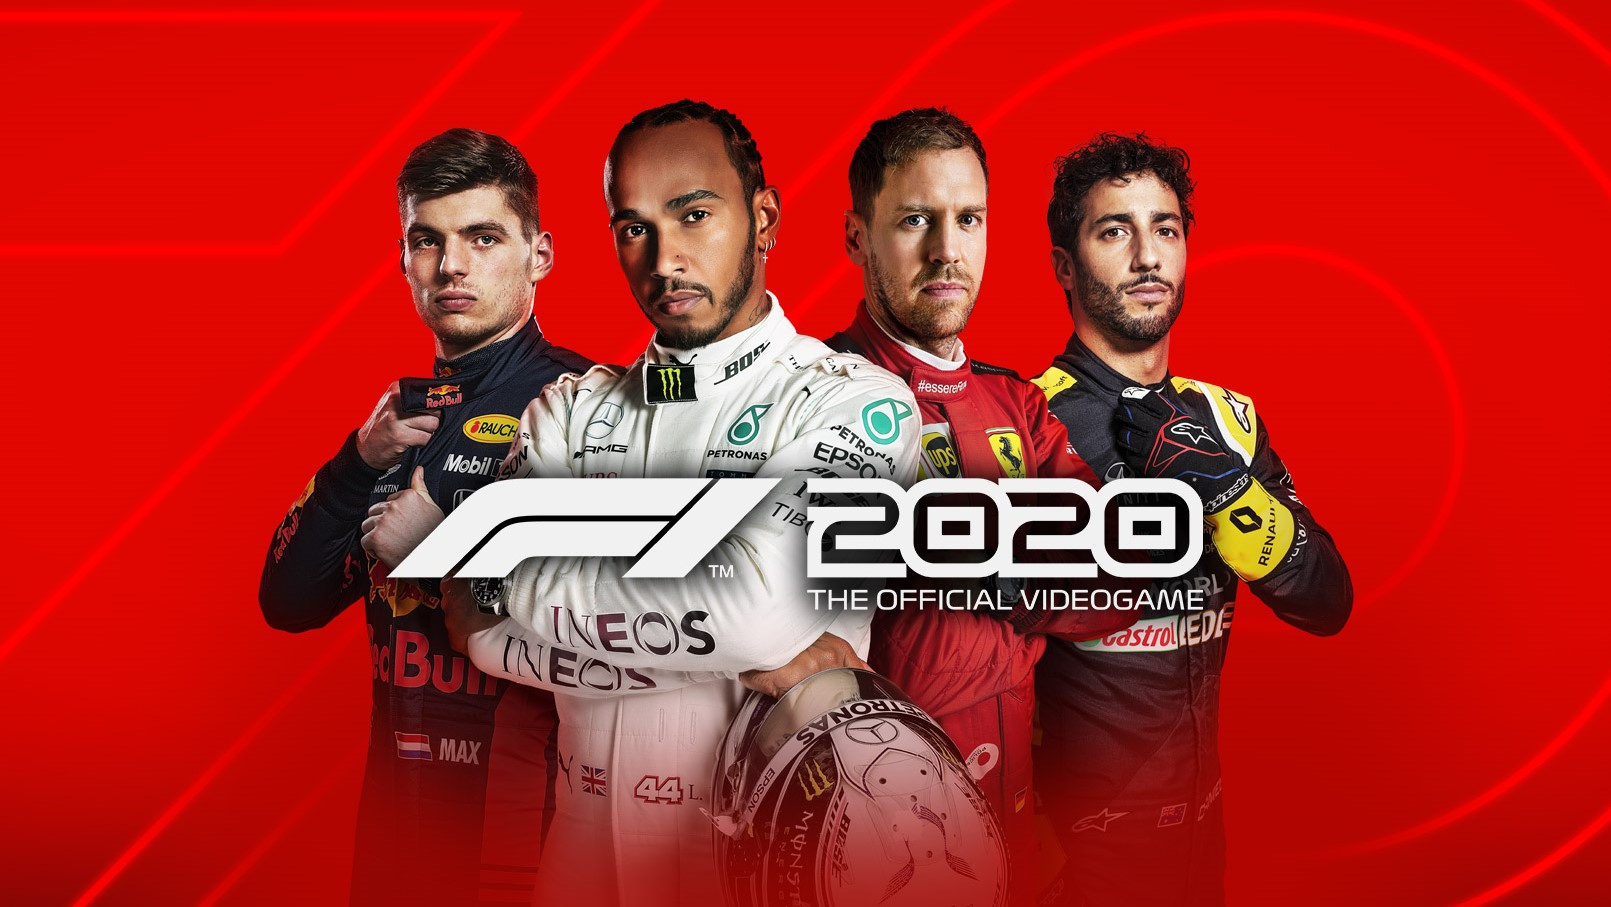 Recensione F1 2020: arrivare al successo con la tua scuderia thumbnail